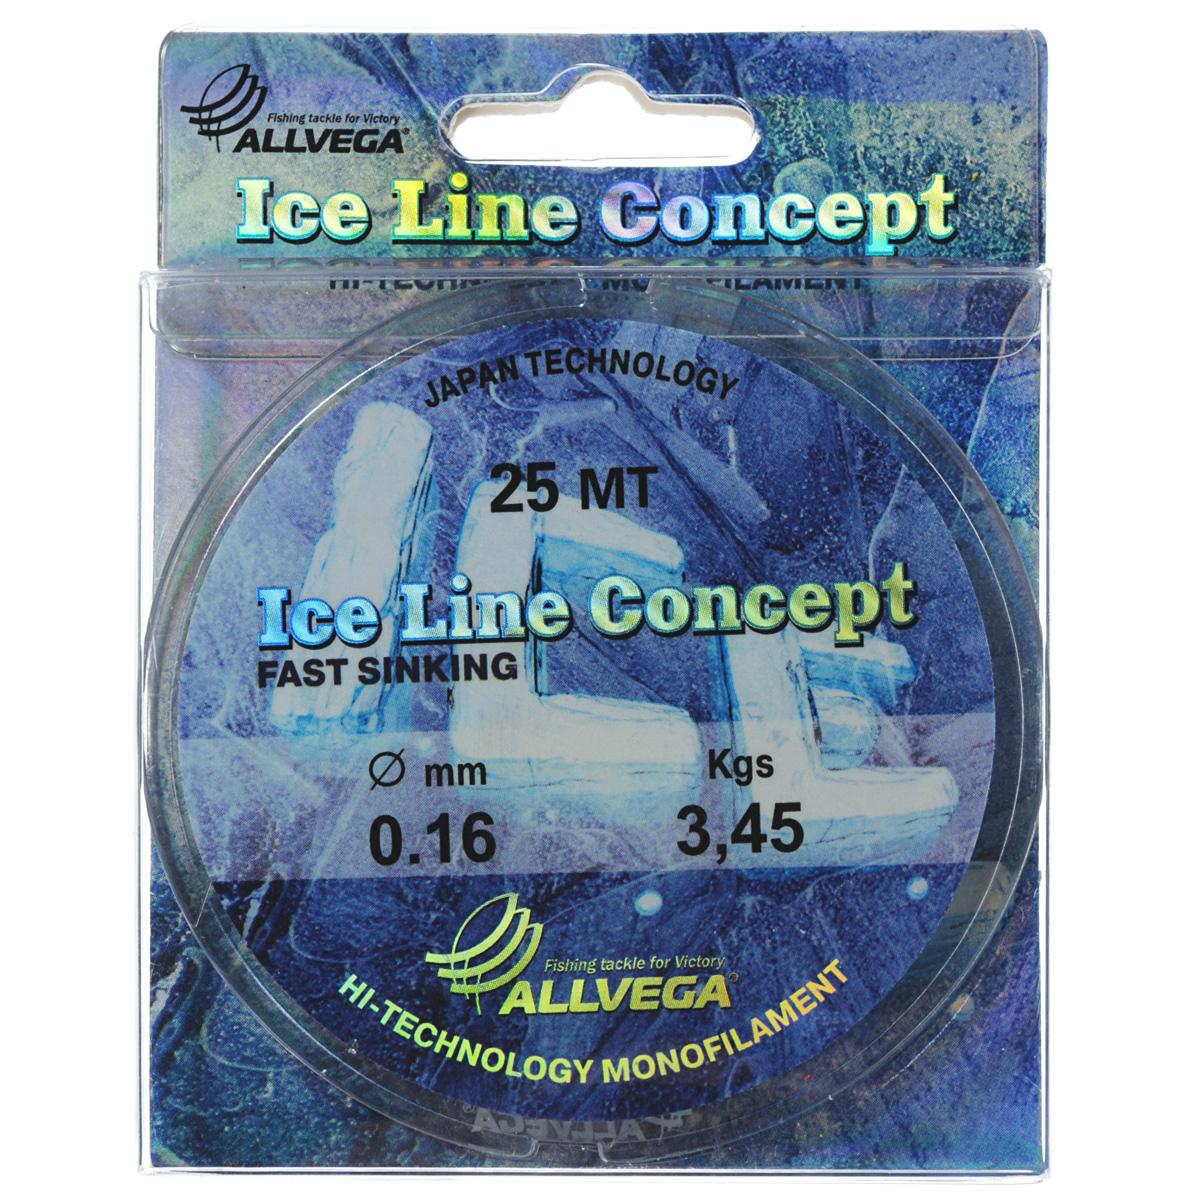 Леска Allvega Ice Line Concept, сечение 0,16 мм, длина 25 м36165Специальная зимняя леска Allvega Ice Line Concept для низких температур. Прозрачная и высокопрочная. Отсутствие механической памяти, позволяет с успехом использовать ее для ловли на мормышку.